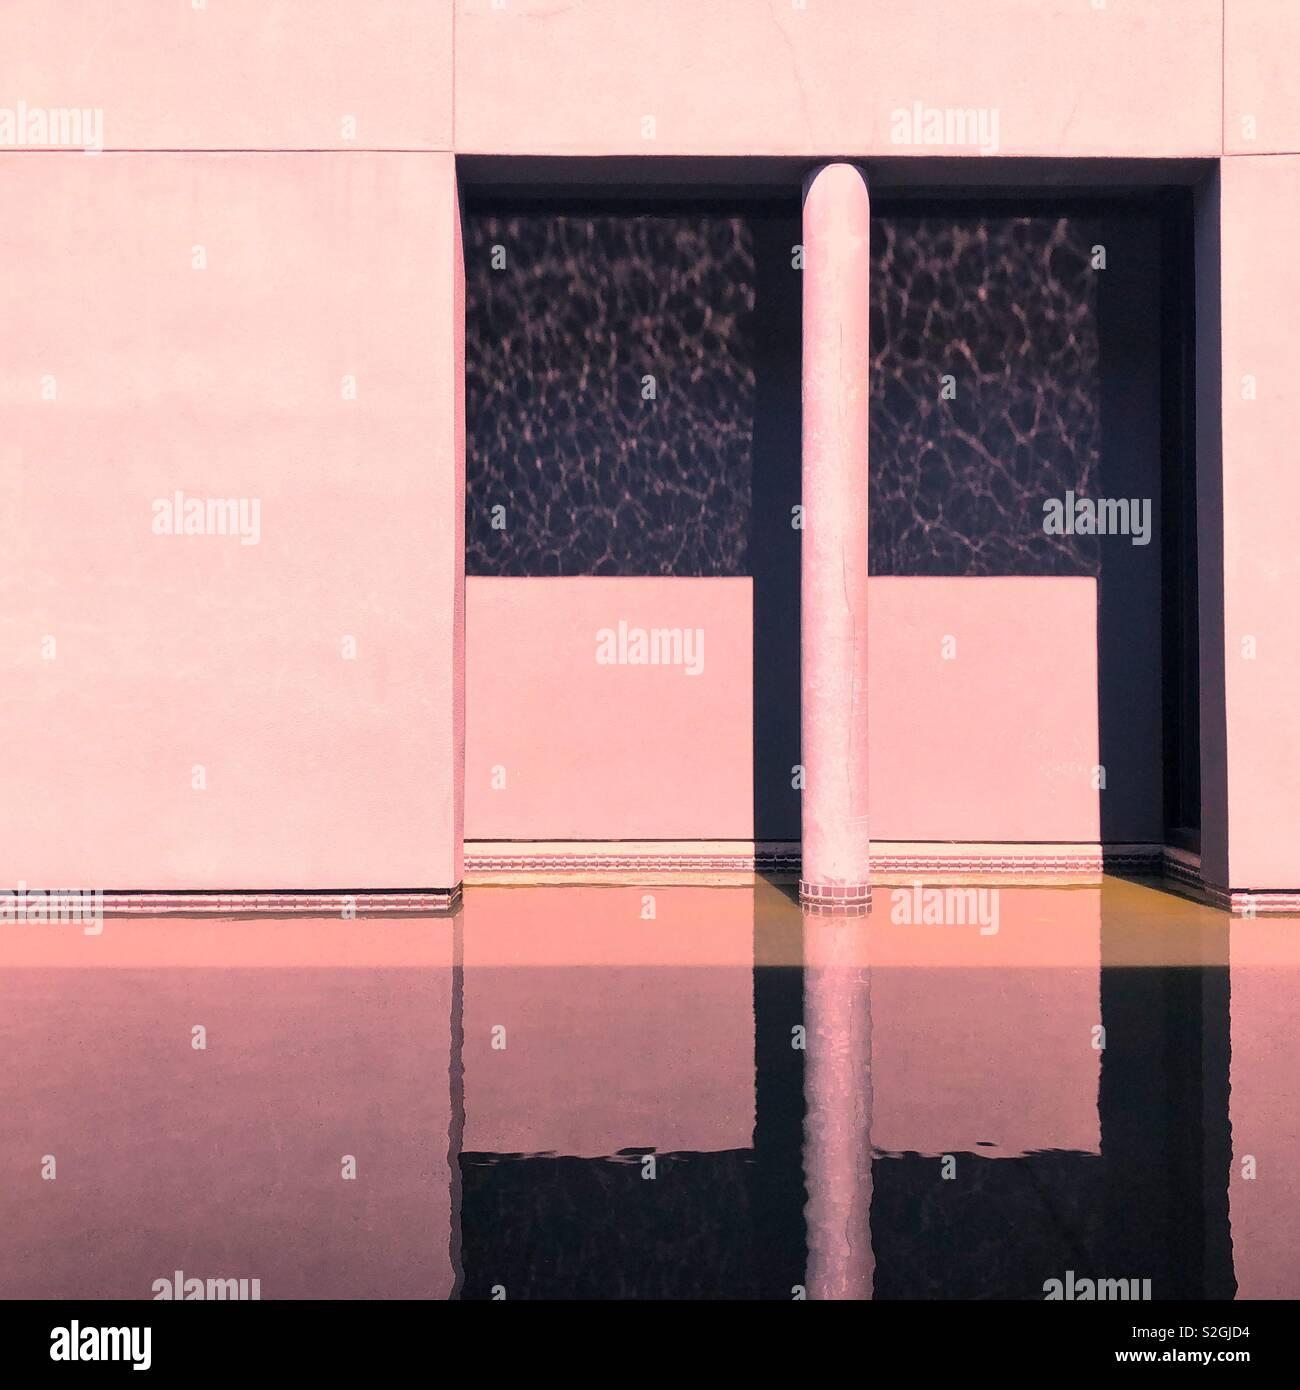 Résumé La réflexion architecturale Photo Stock